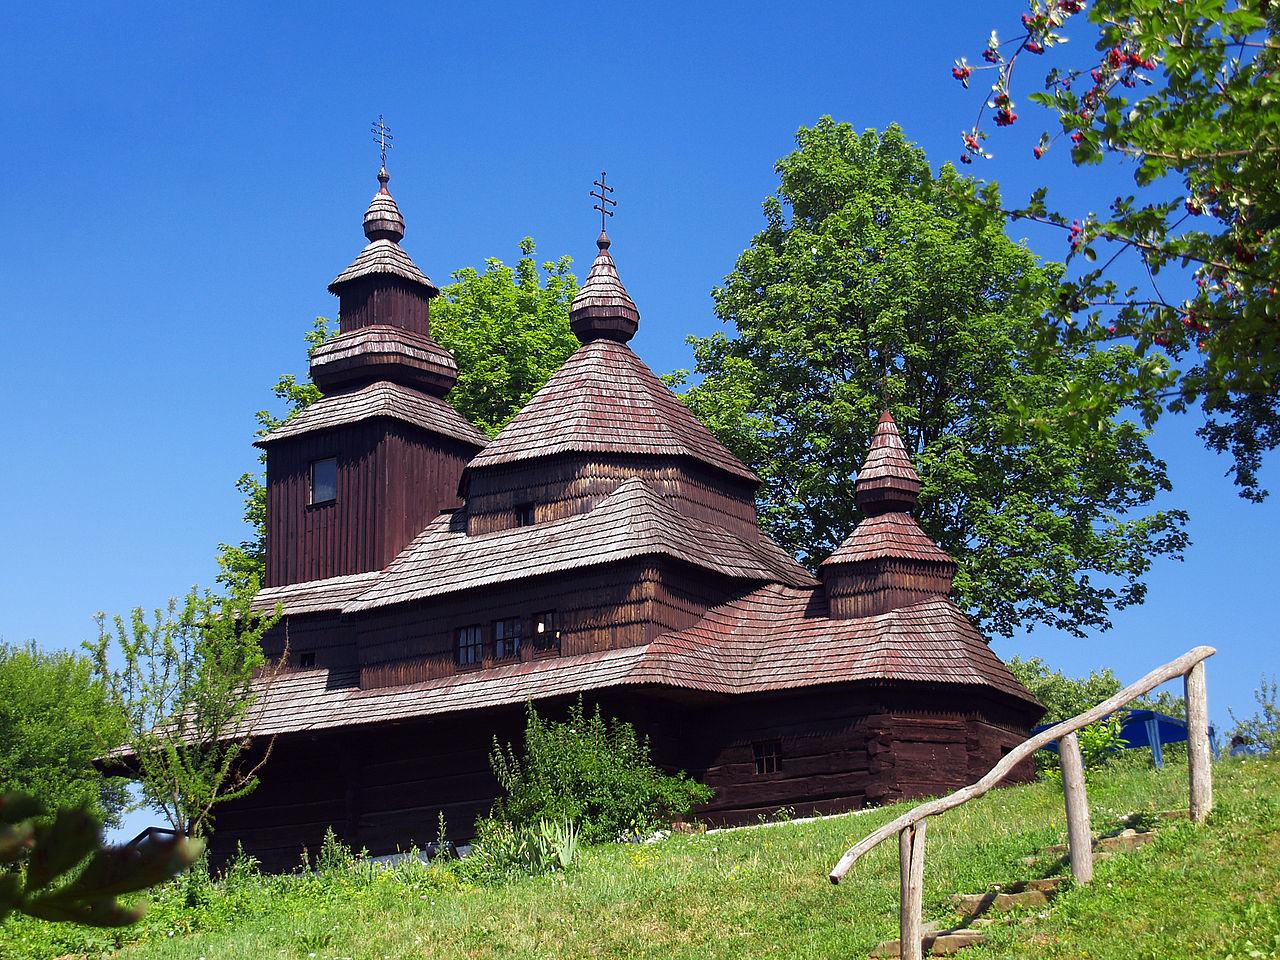 """[lnk url=""""https://commons.wikimedia.org/wiki/File:Humenne-Eglise_archange_St-Michel-summer.jpg""""]Zdroj: Wikipedia, Autor: Pierre Bona[/lnk]"""